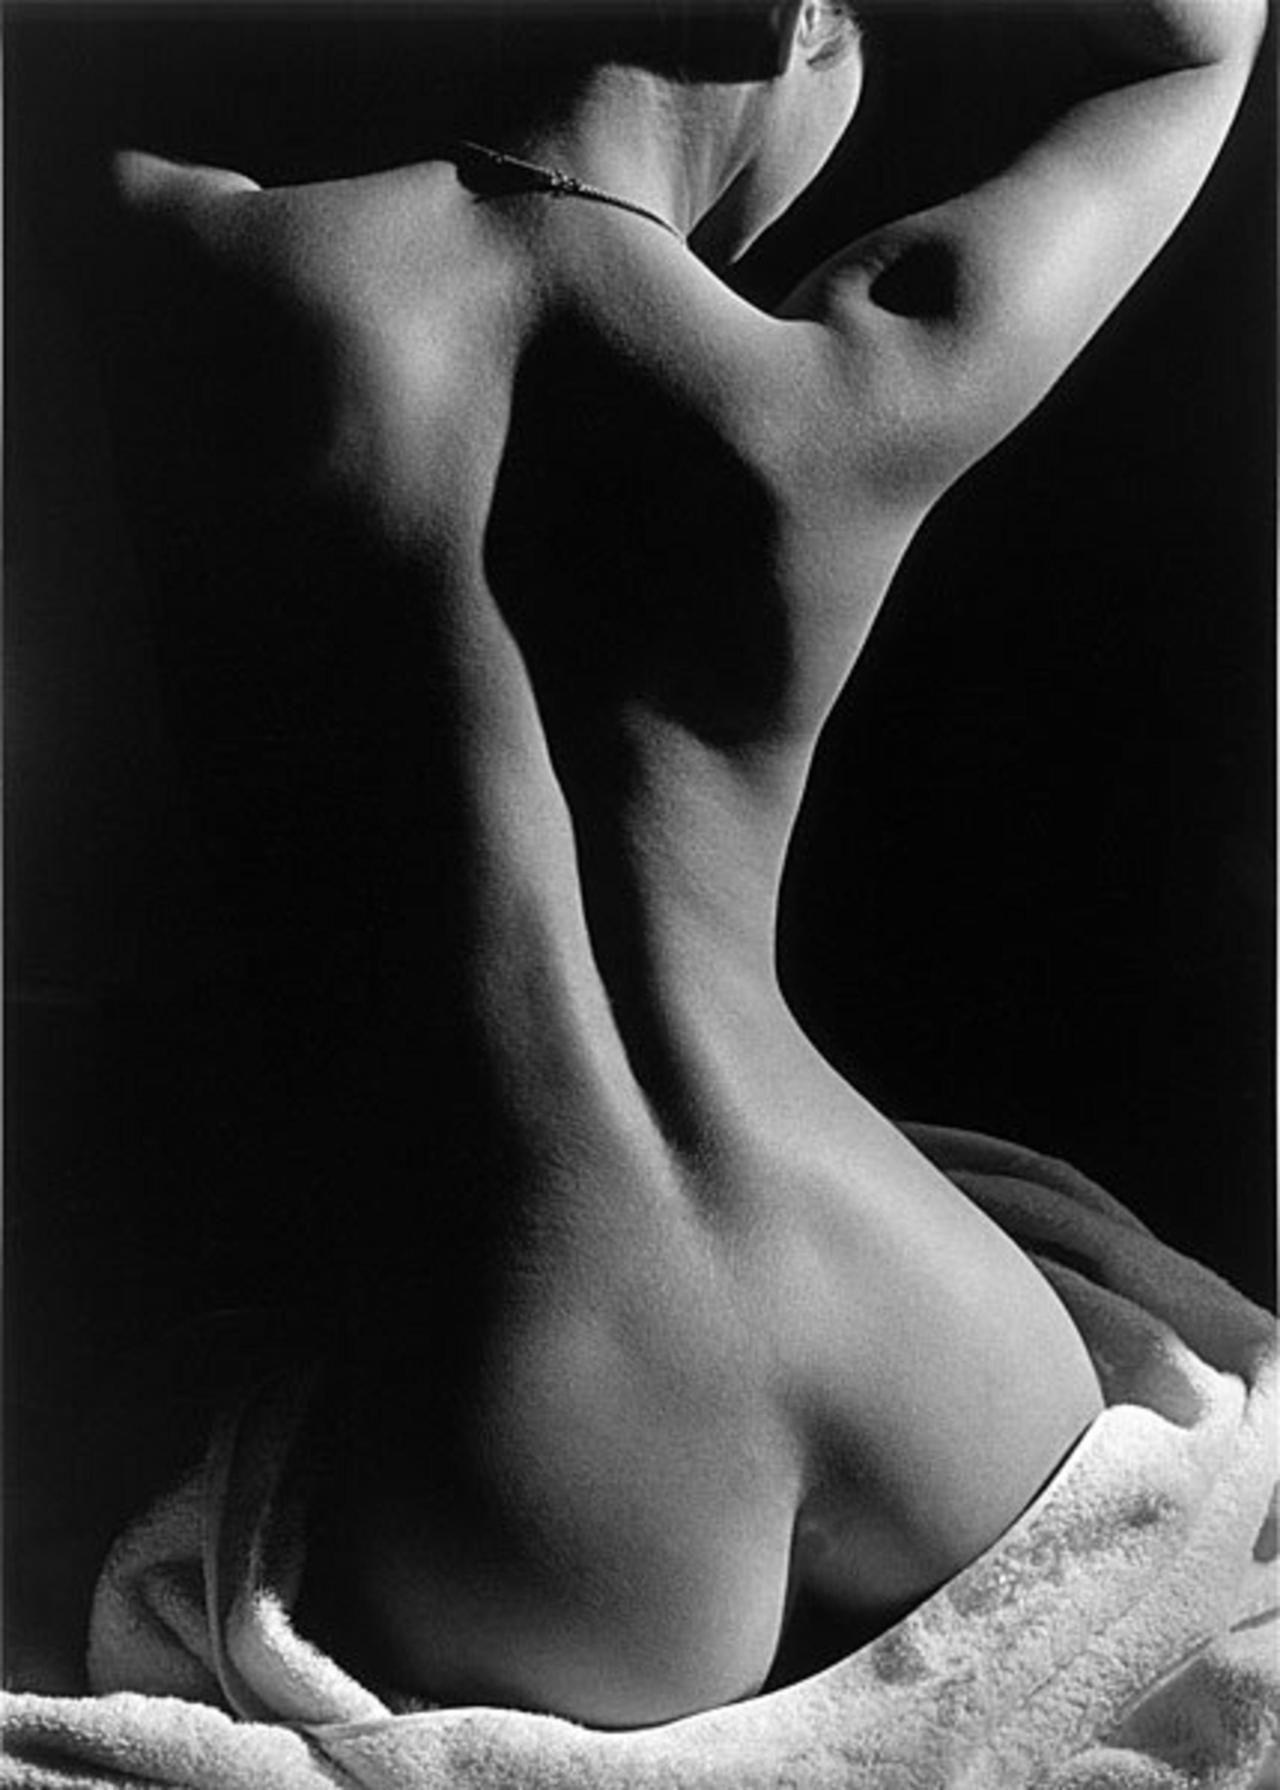 Resultado de imagem para foto preto e branco artística de mulher semidesnuda